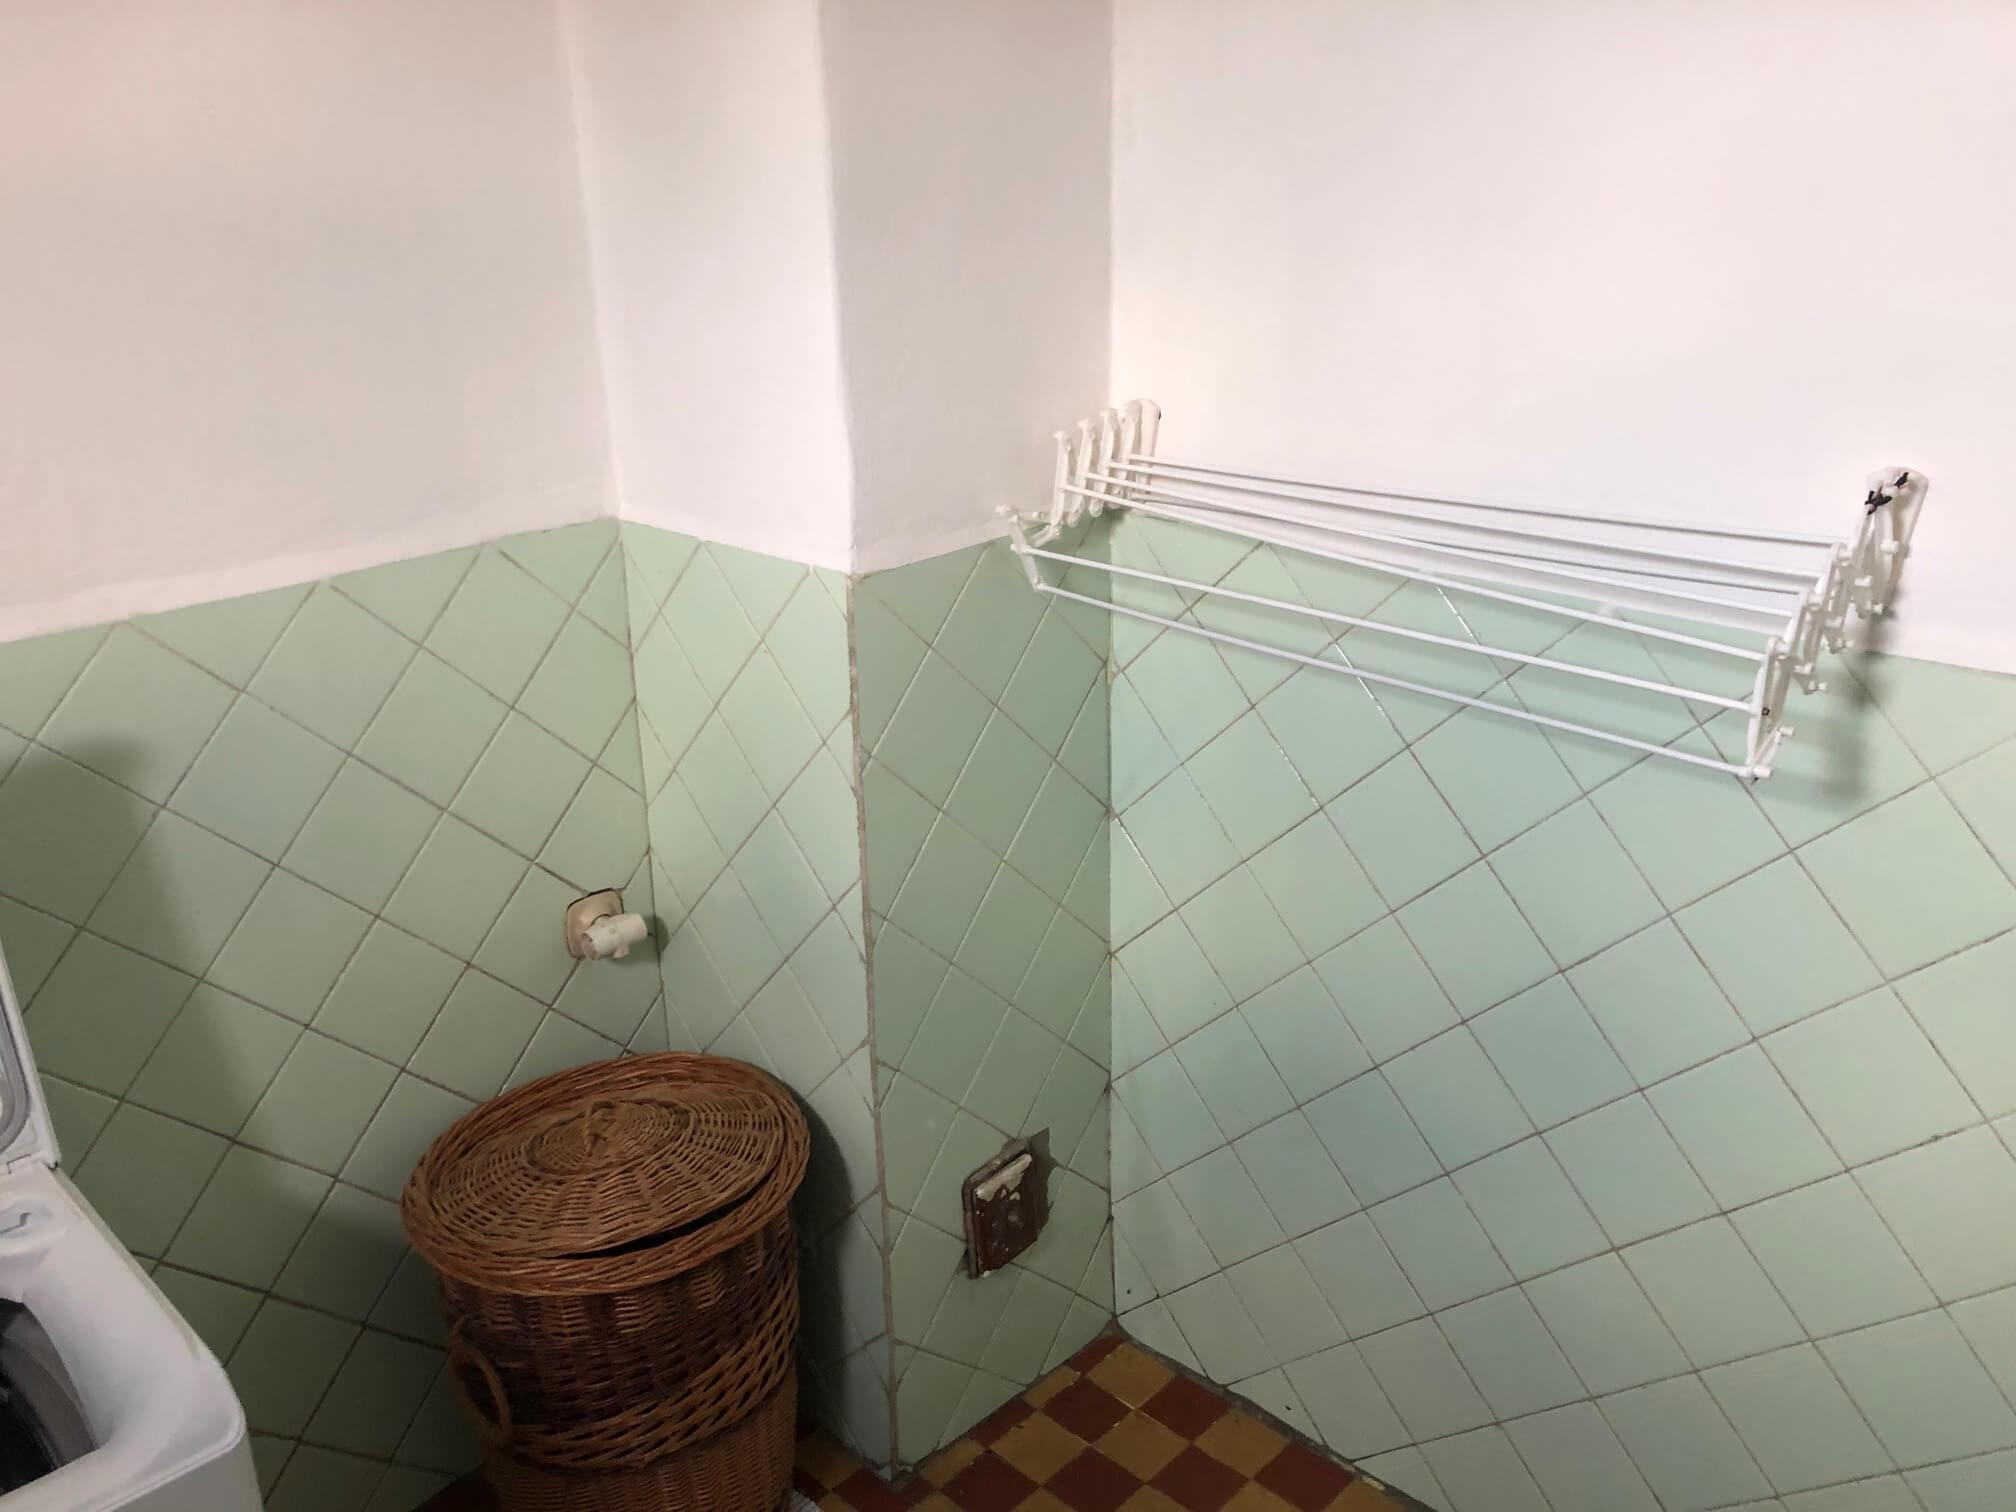 Prenajaté: Exkluzívne: Rodinný dom, 4 izbový, Šalgočka úžitková 140m2, podpivničenie 120m2, pozemok 1500m2-47